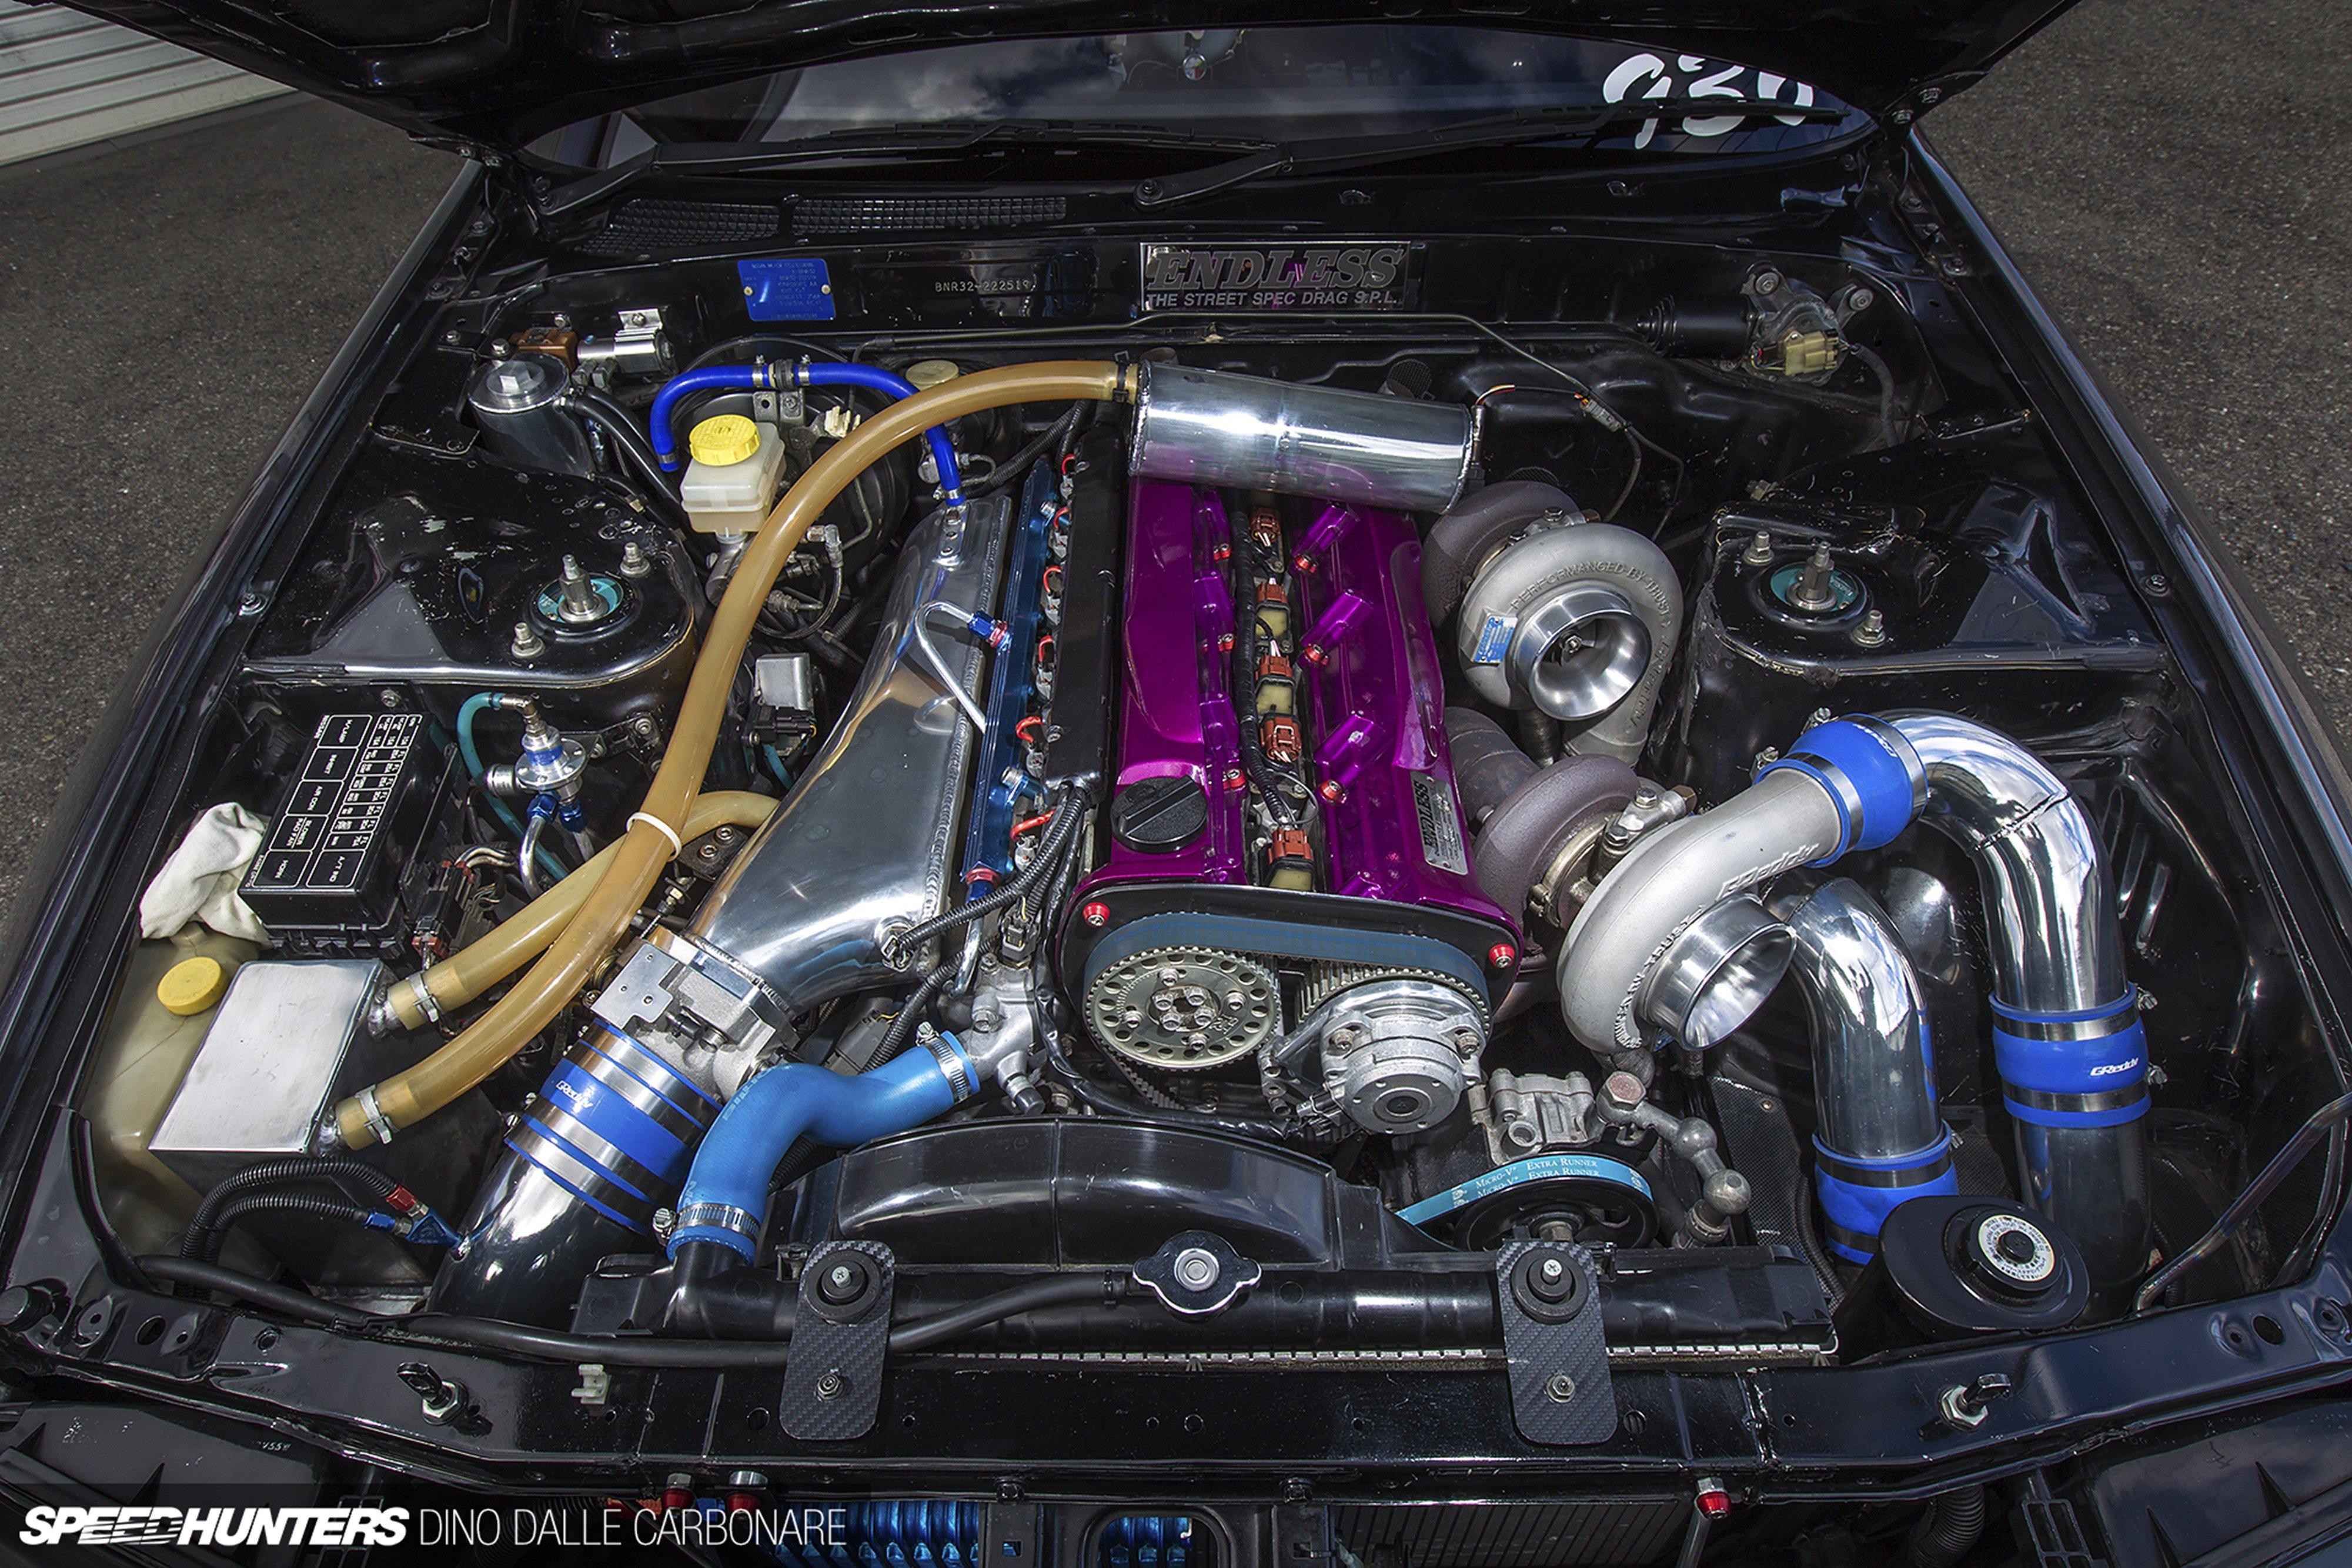 nissan rb26dett engine bay  nissan  free engine image for